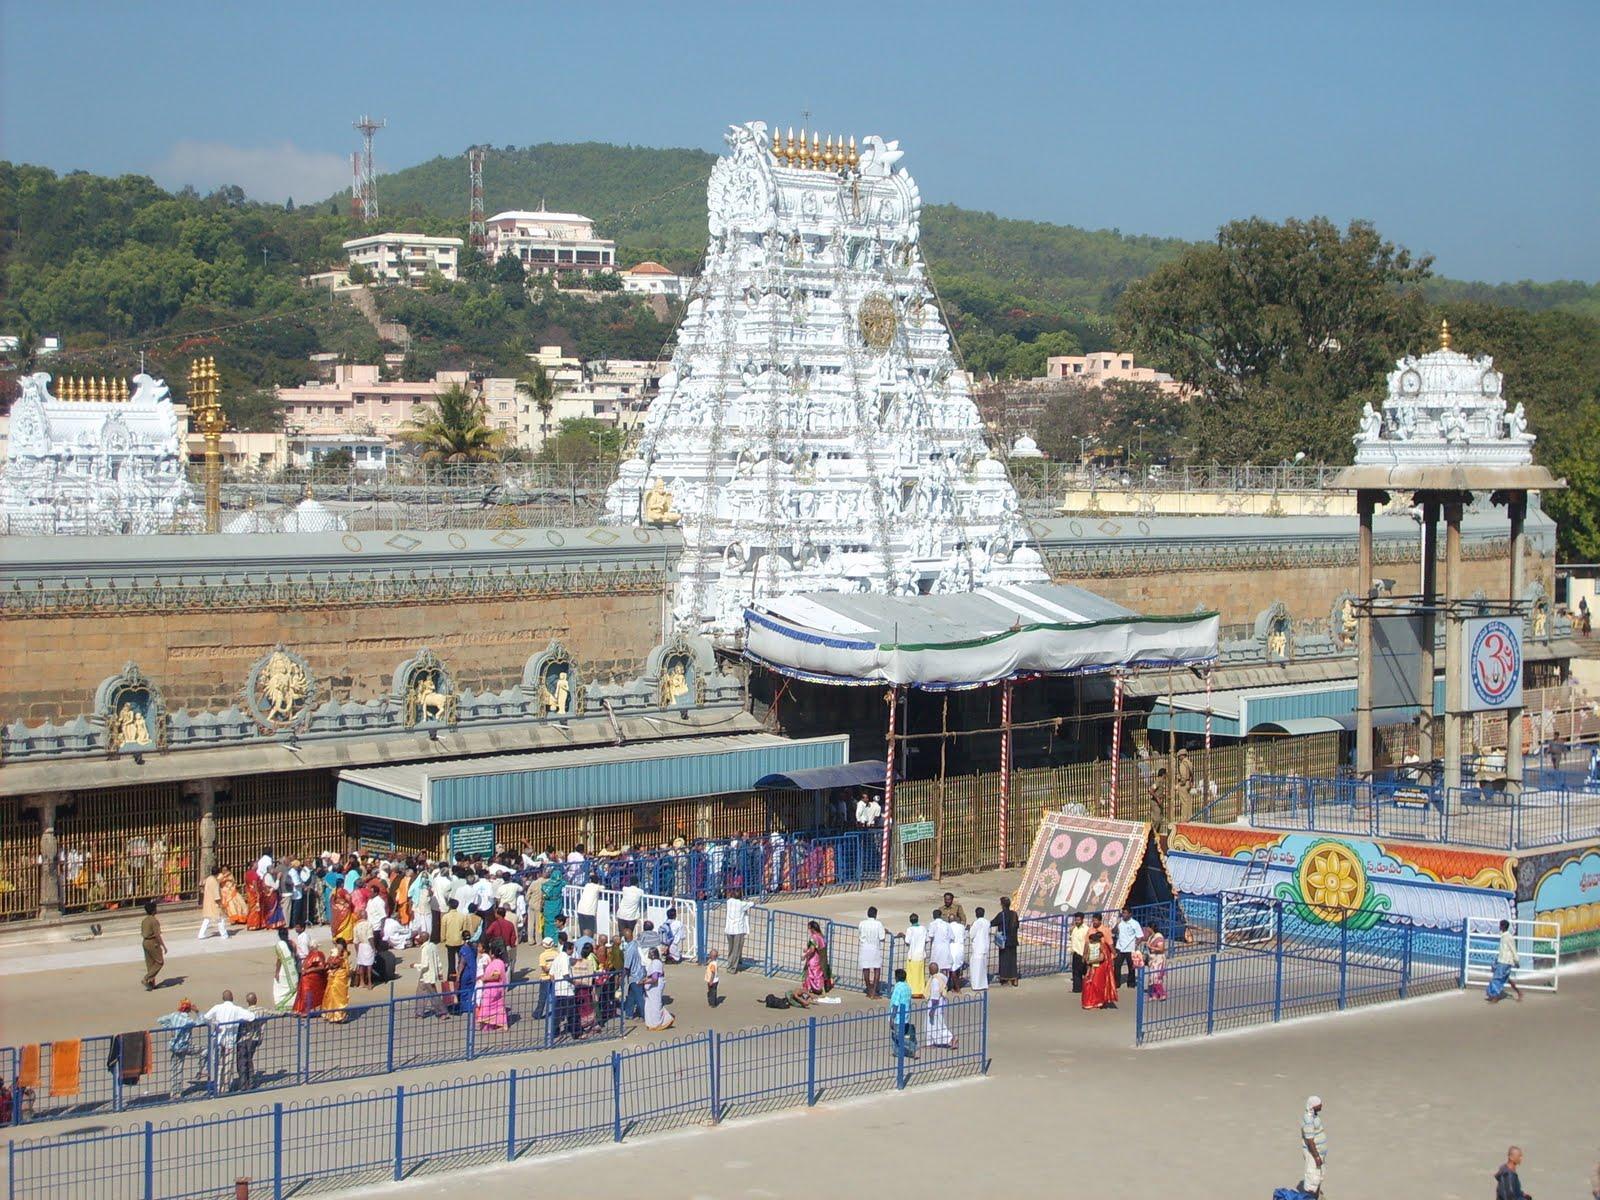 http://1.bp.blogspot.com/-jBpgjpDbPQI/TmEZ0CTSUAI/AAAAAAAADJE/Yxslps4ud64/s1600/tirupati+Balaji+Main+Temple_1.jpg